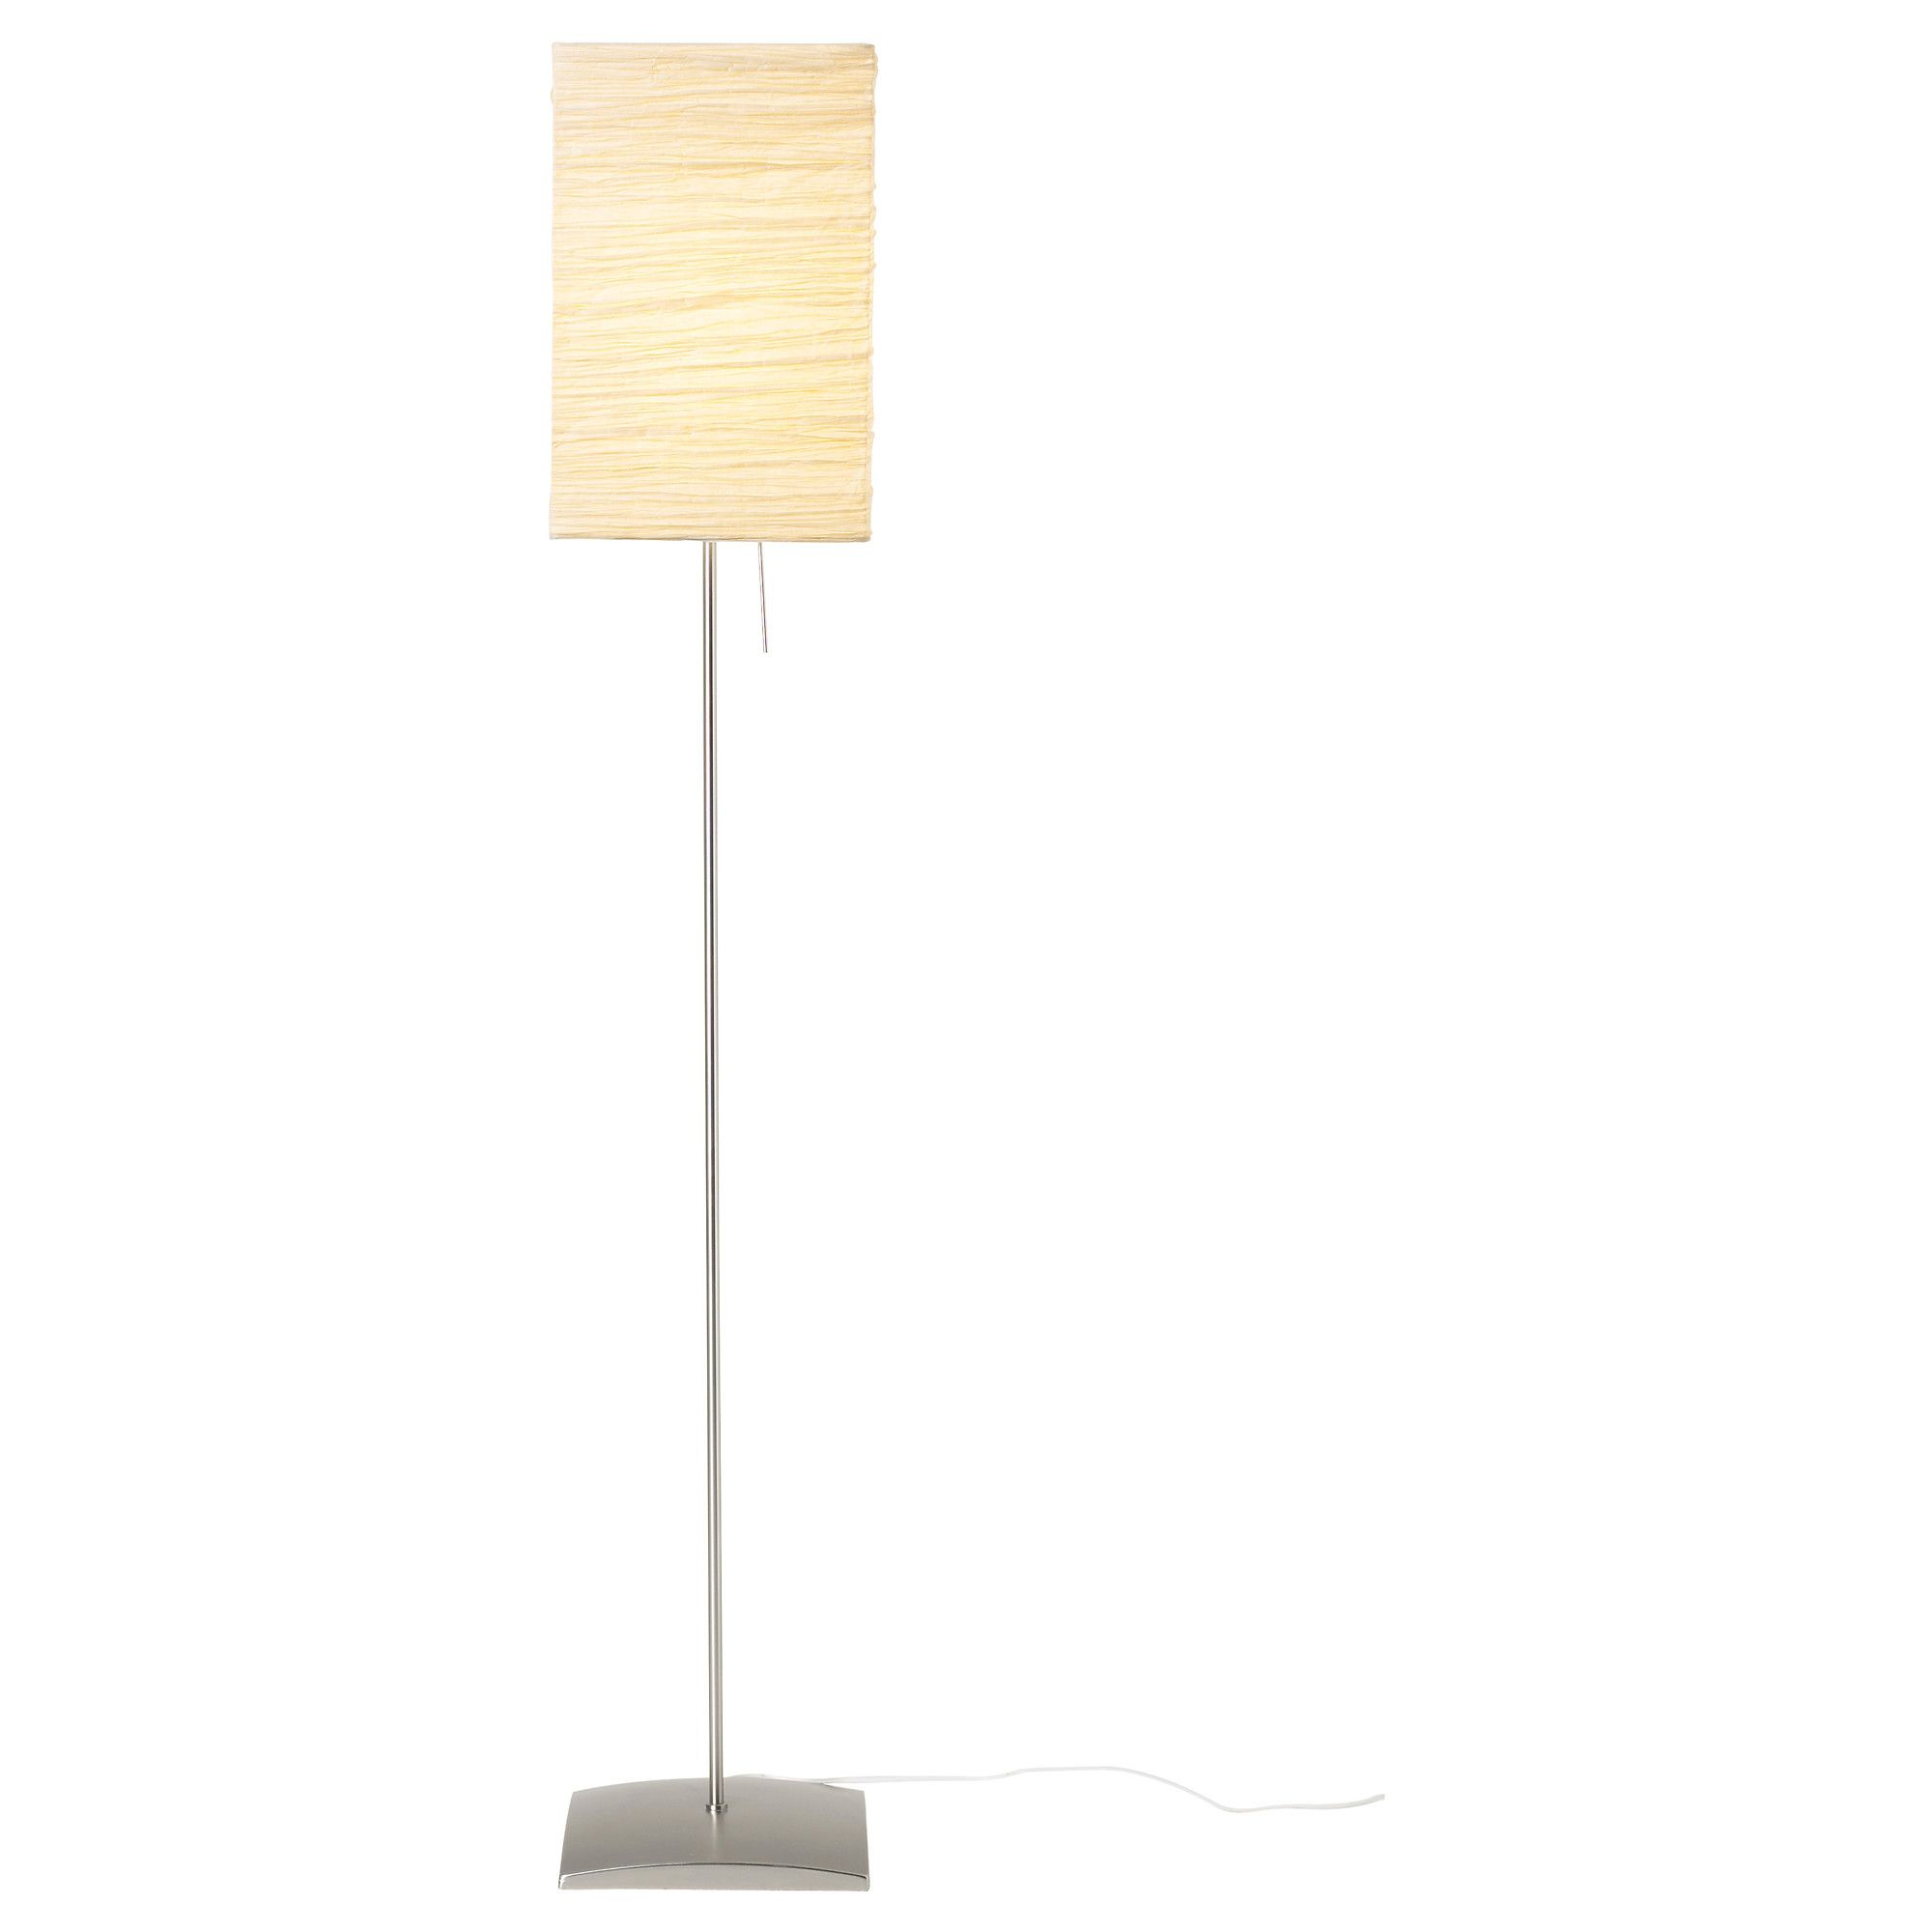 Grune Stehlampe Mix Und Match Color Lampen Um Zusammenzupassen